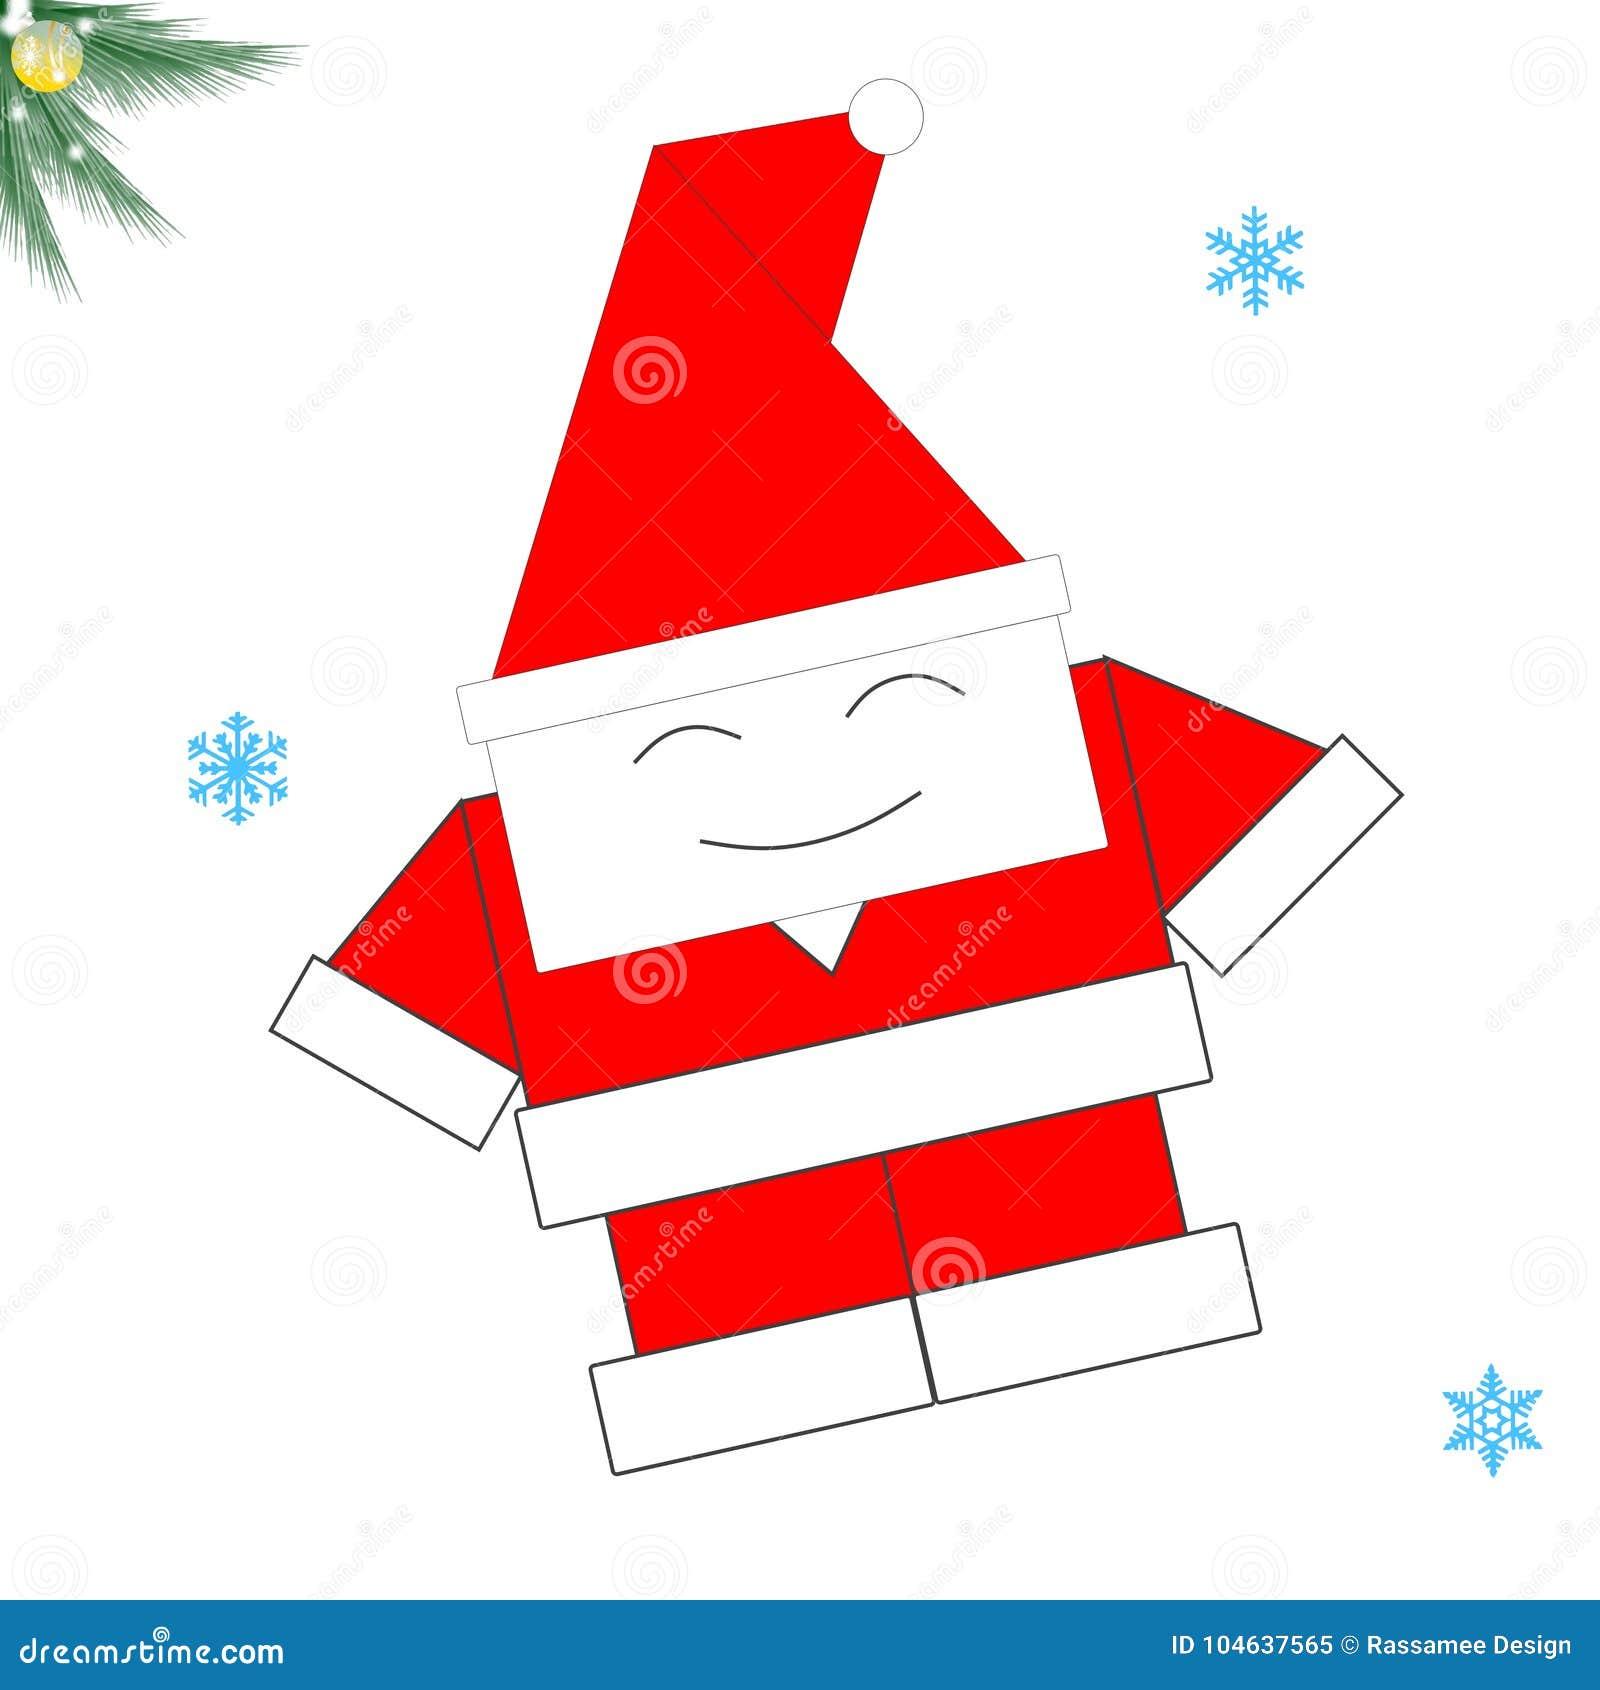 Download Leuke Kerstkaart Op Witte Achtergrond Stock Illustratie - Illustratie bestaande uit dekking, seizoengebonden: 104637565